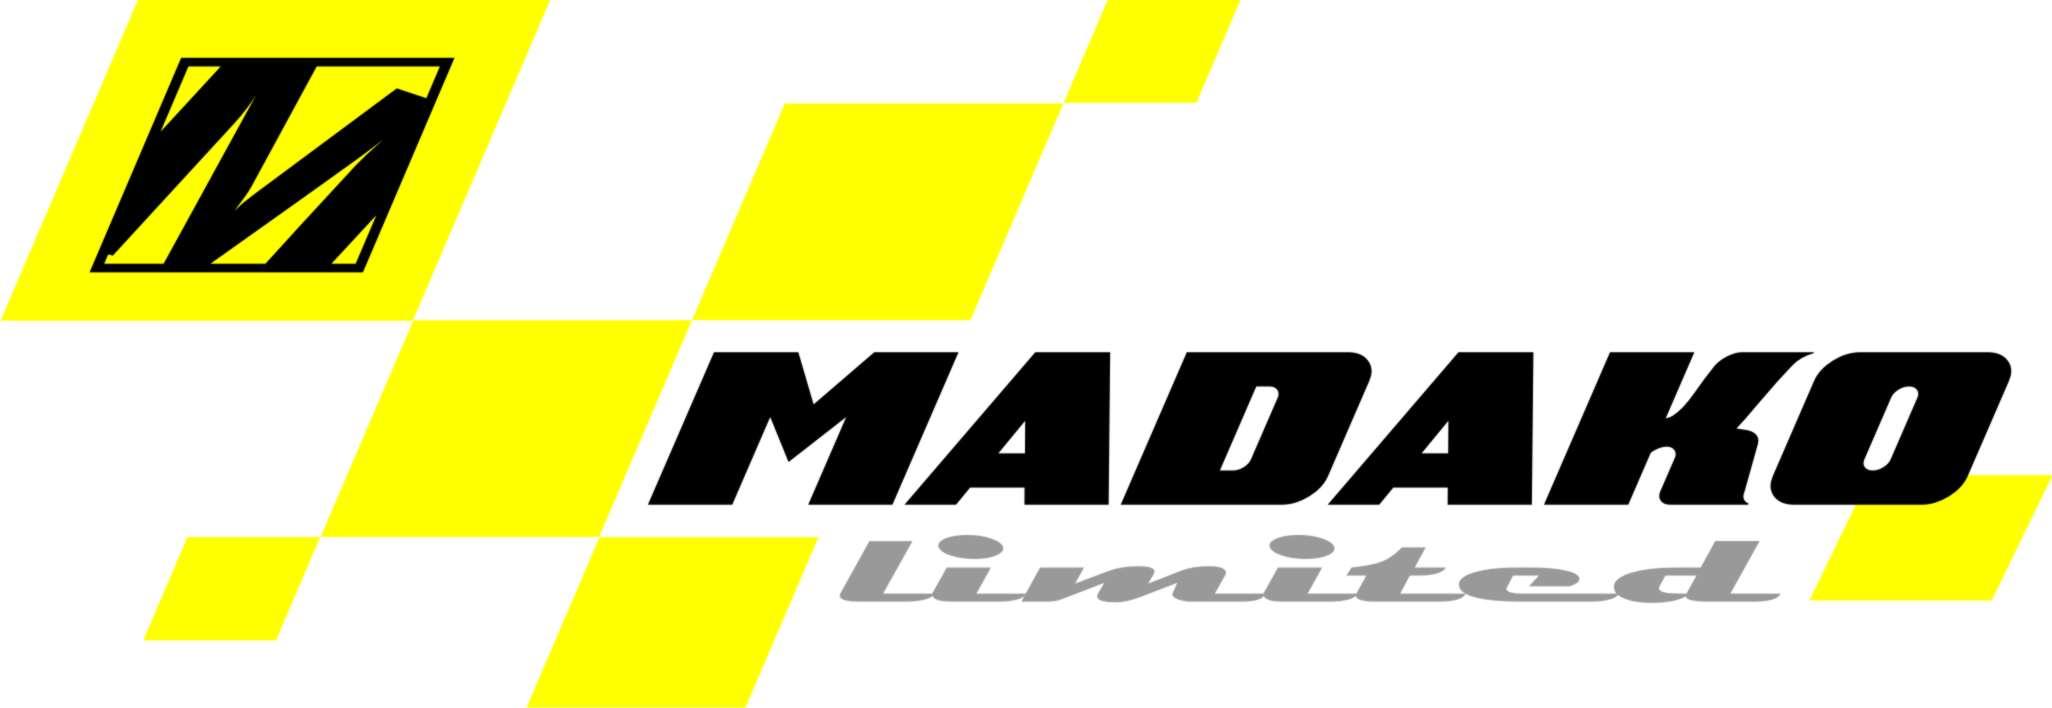 logo firmy Madako limited s.r.o.